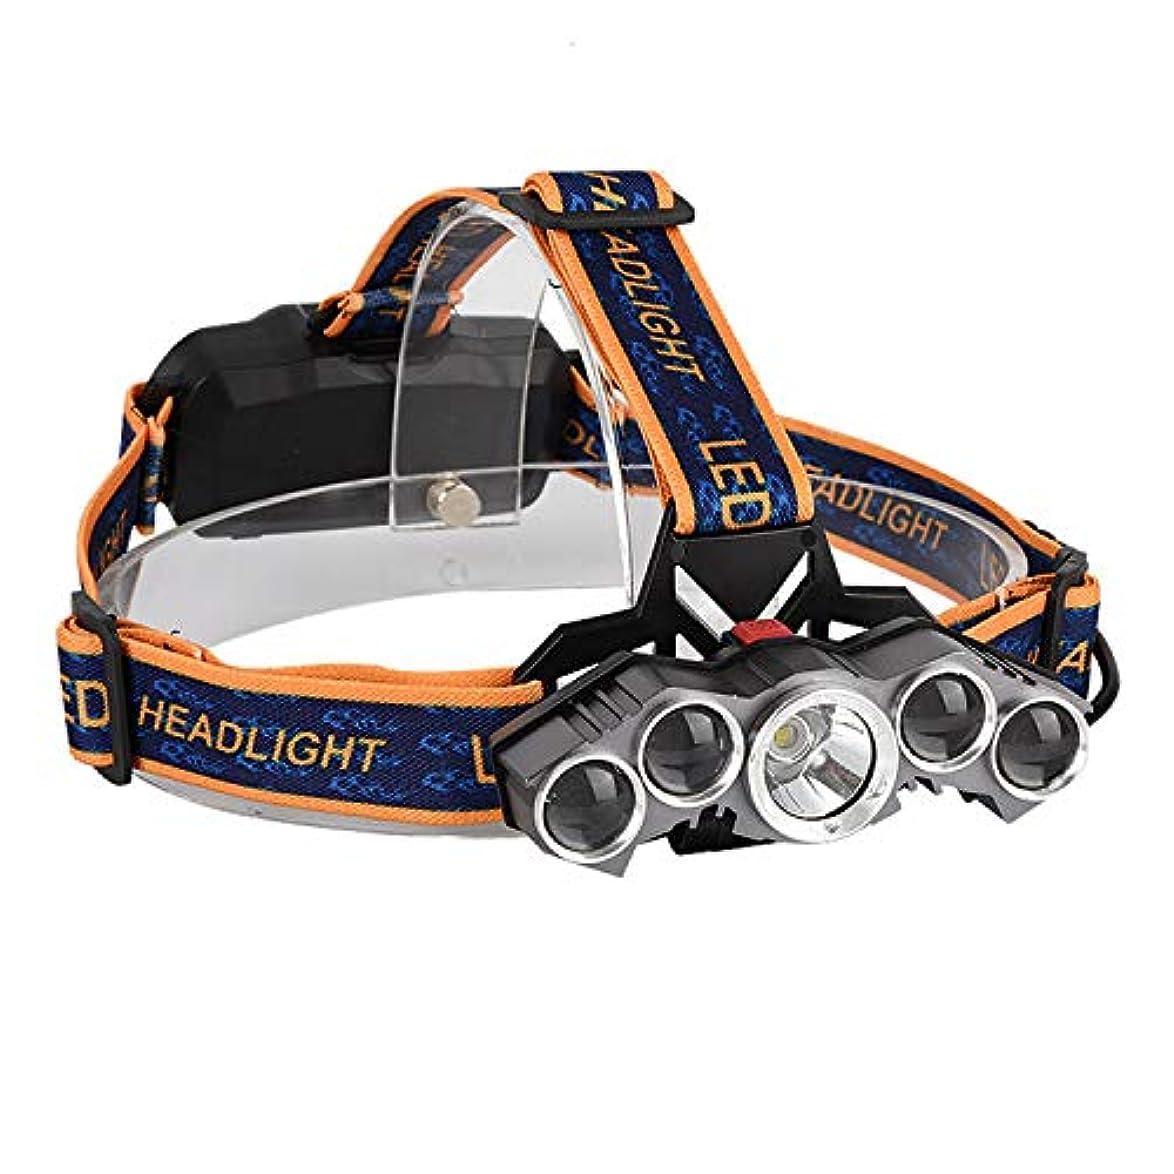 T6屋外用強力ヘッドライト、5ヘッドマウントヘッドライト、長距離固定焦点航空機用ヘッドライト、防水ヘッドライト